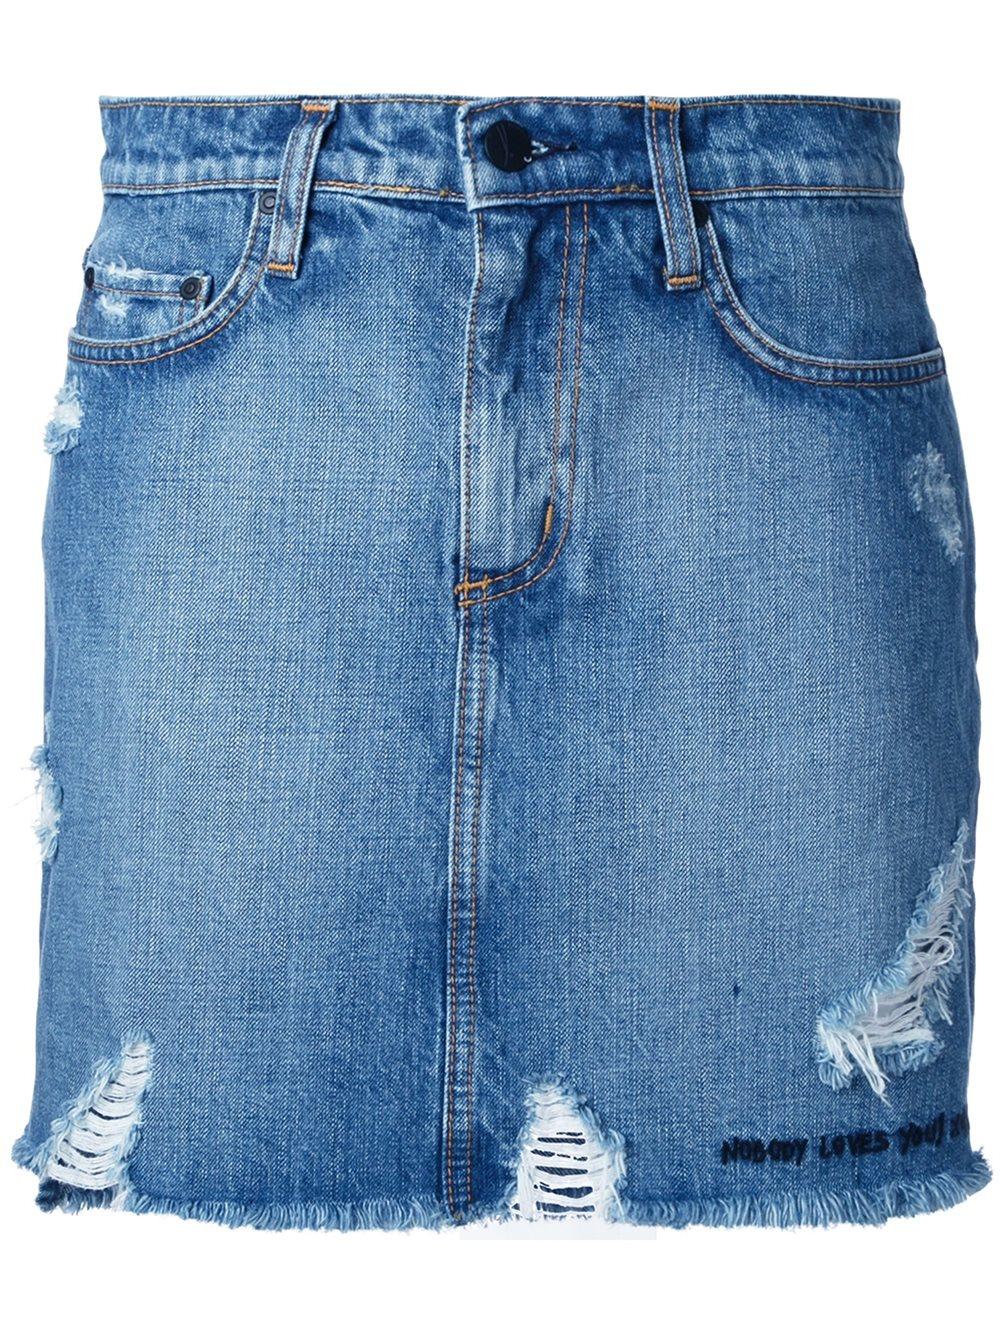 9e6724b64 Nobody Denim Split Skirt Graffiti in Blue - Lyst